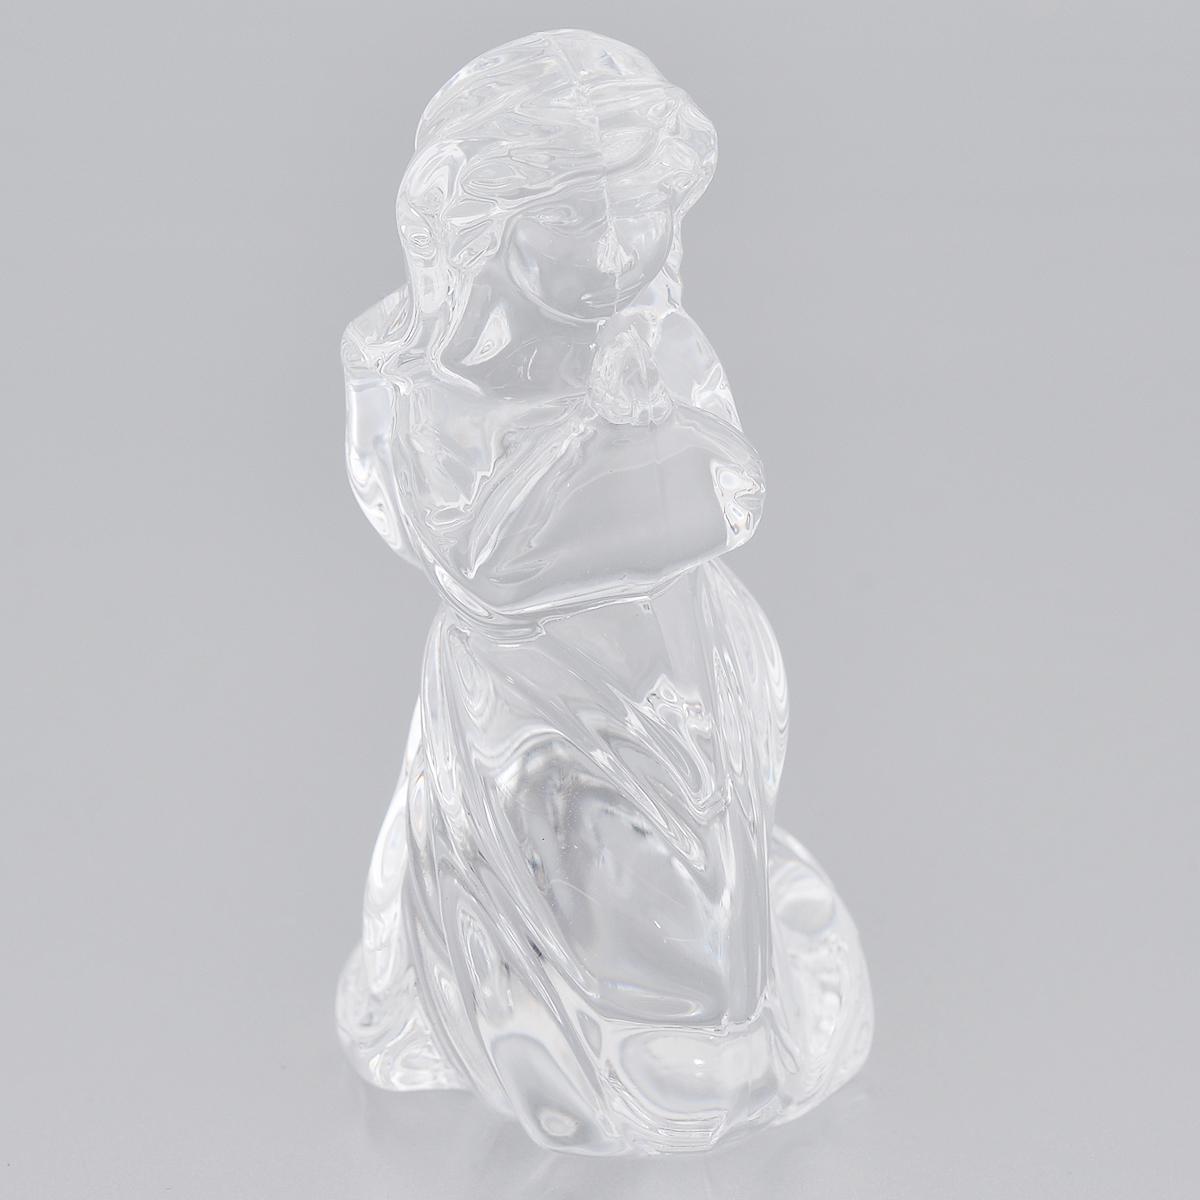 Фигурка декоративная Crystal Bohemia Ангел, высота 8 см990/74853/0/58900/074-109Фигурка Crystal Bohemia Ангел изготовлена из высококачественного хрусталя. Фигурка выполнена в виде ангела и сочетает в себе изысканный дизайн и лаконичность. Она прекрасно подойдет для декора интерьера дома или офиса и станет достойным дополнением к вашей коллекции.Вы можете поставить фигурку в любом месте, где она будет удачно смотреться и радовать глаз. Кроме того - это отличный вариант подарка для ваших близких и друзей. Высота: 8 см.